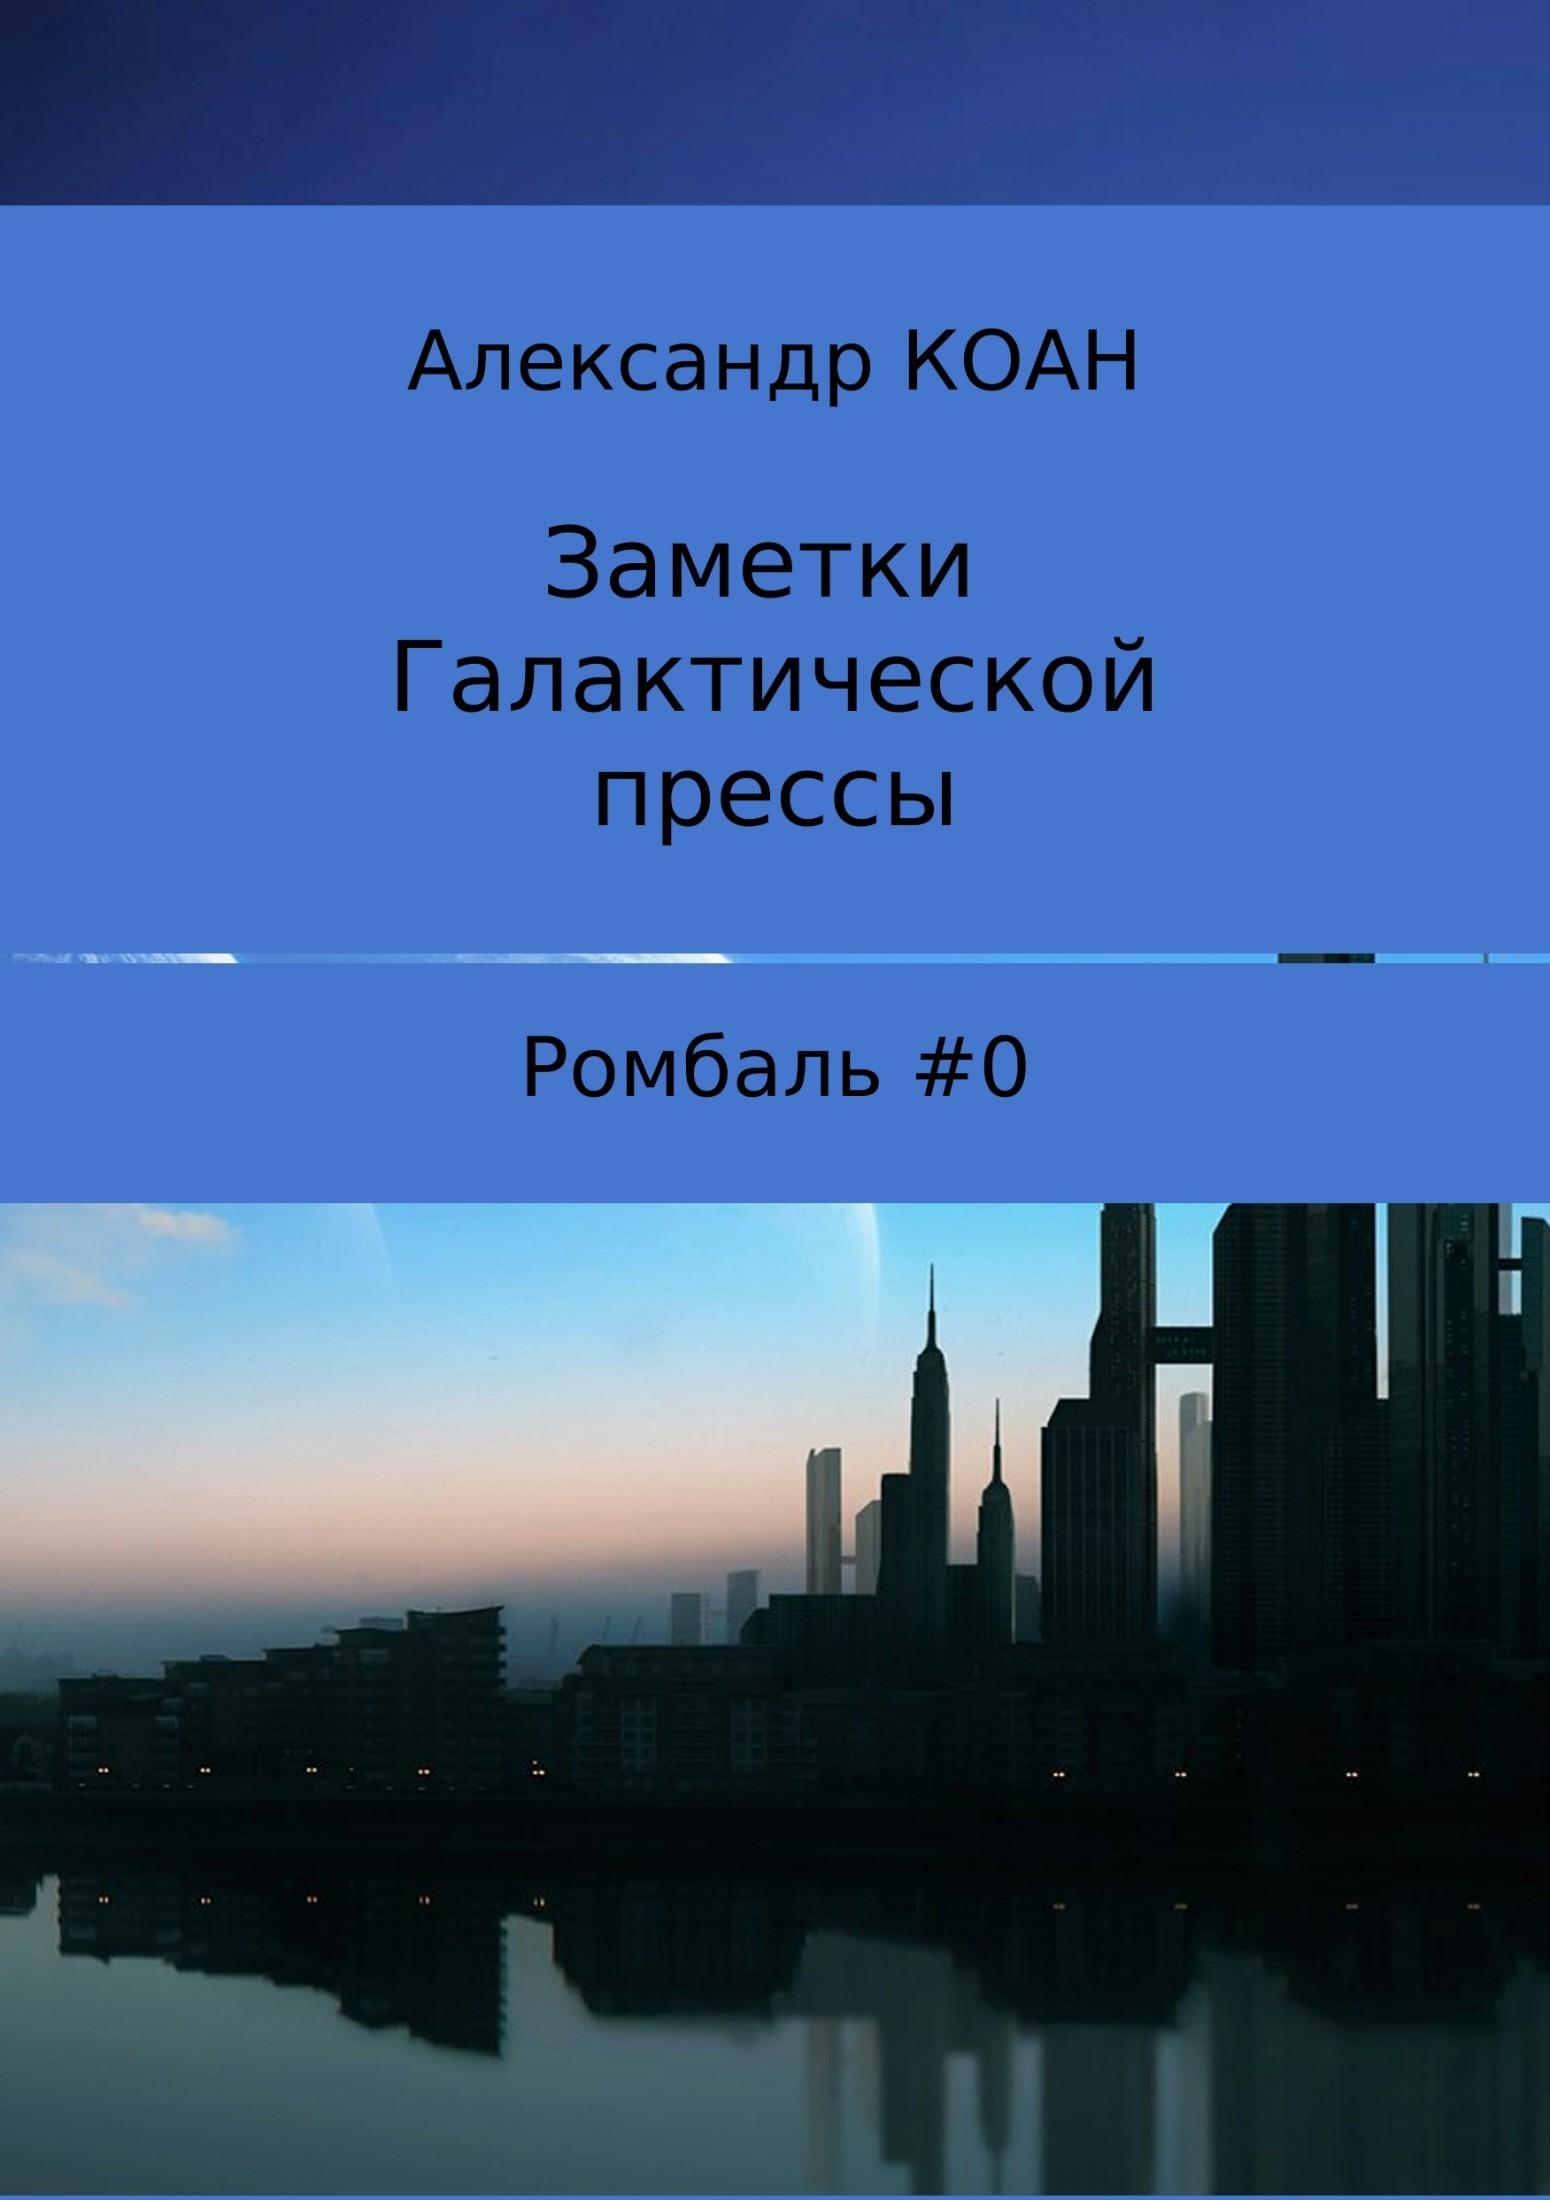 Александр Коан бесплатно